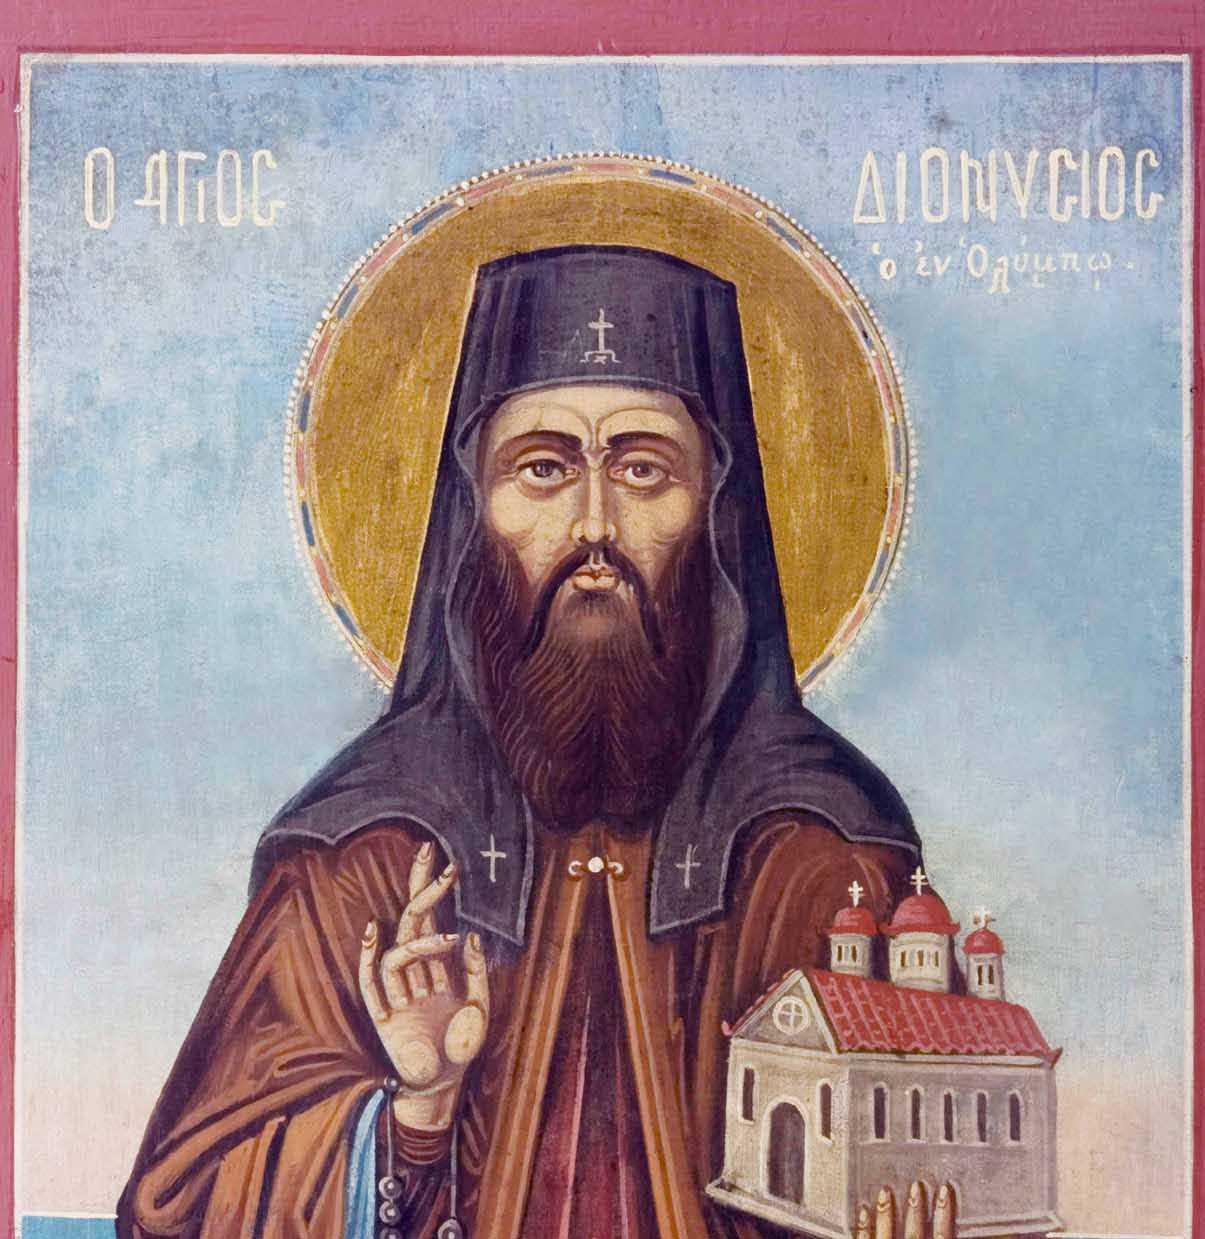 Πανηγυρίζει την Πέμπτη, 23 Ιανουαρίου 2020  ο Ιερός Ναός του Αγίου Διονυσίου στο Βελβεντό της Ιεράς Μητροπόλεως Σερβίων και Κοζάνης.